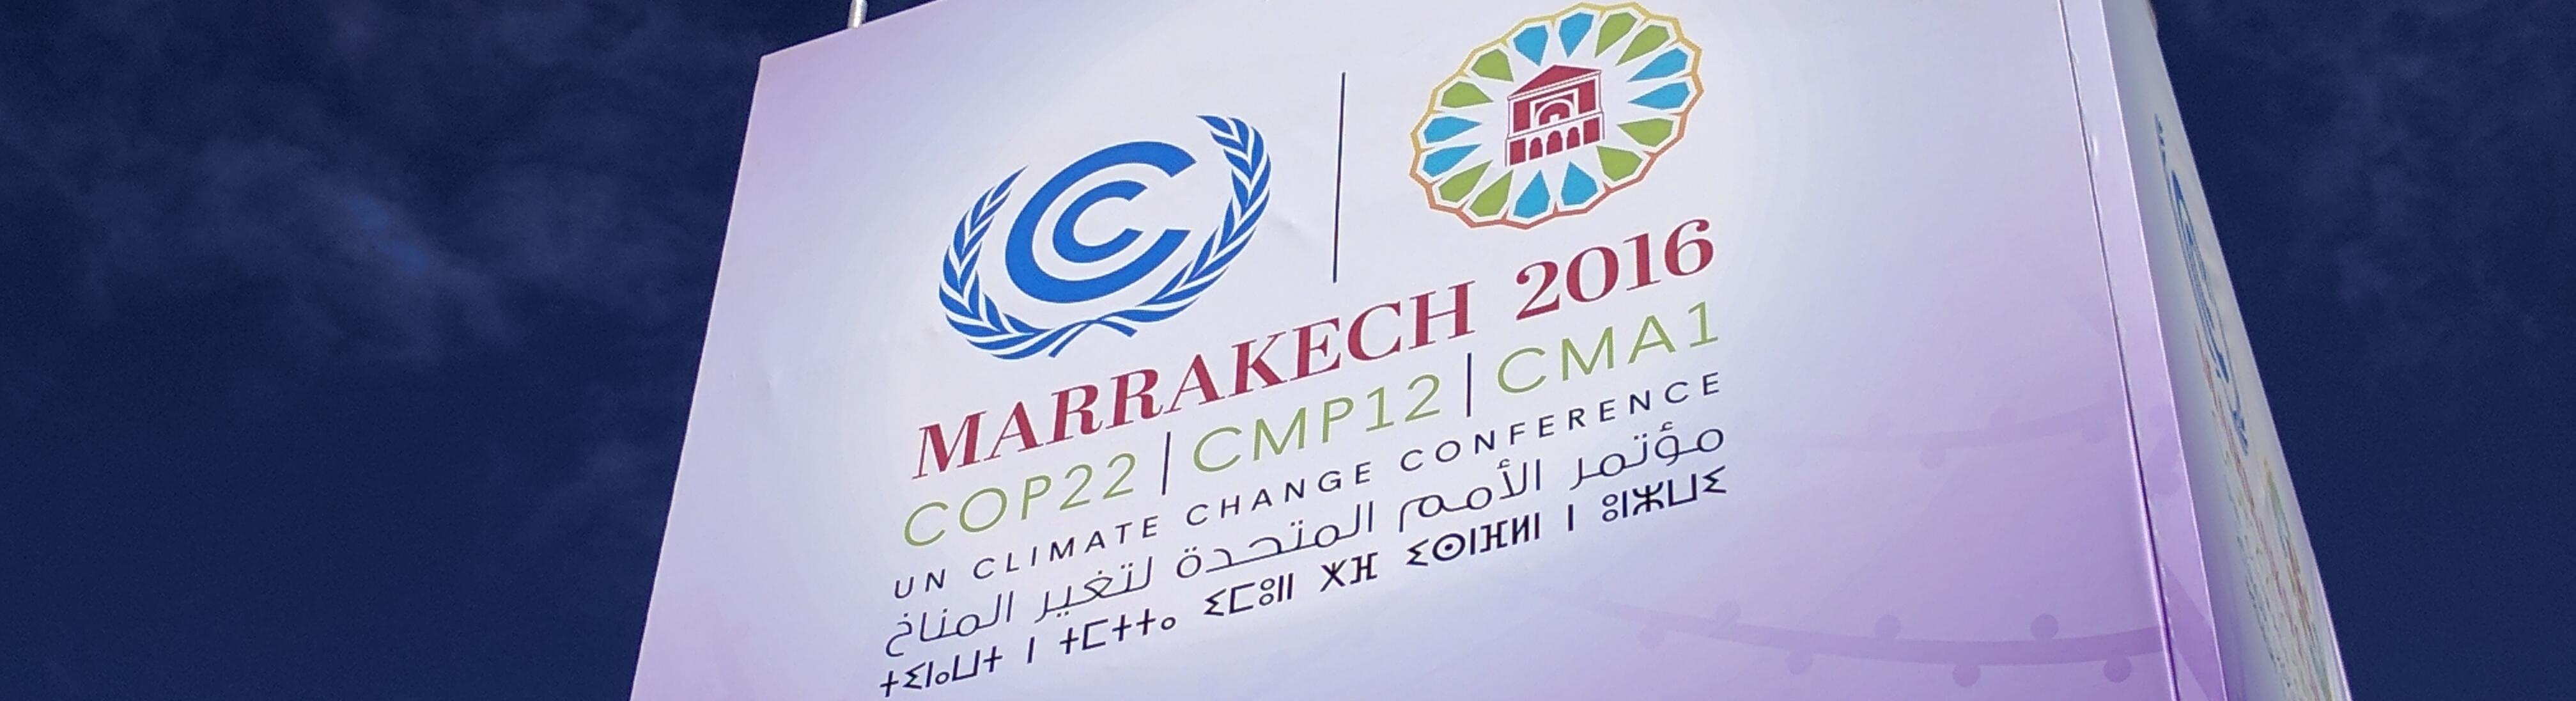 2016年12月6日(火)COP22マラケシュ会議報告会in東京(CAN-Japan)